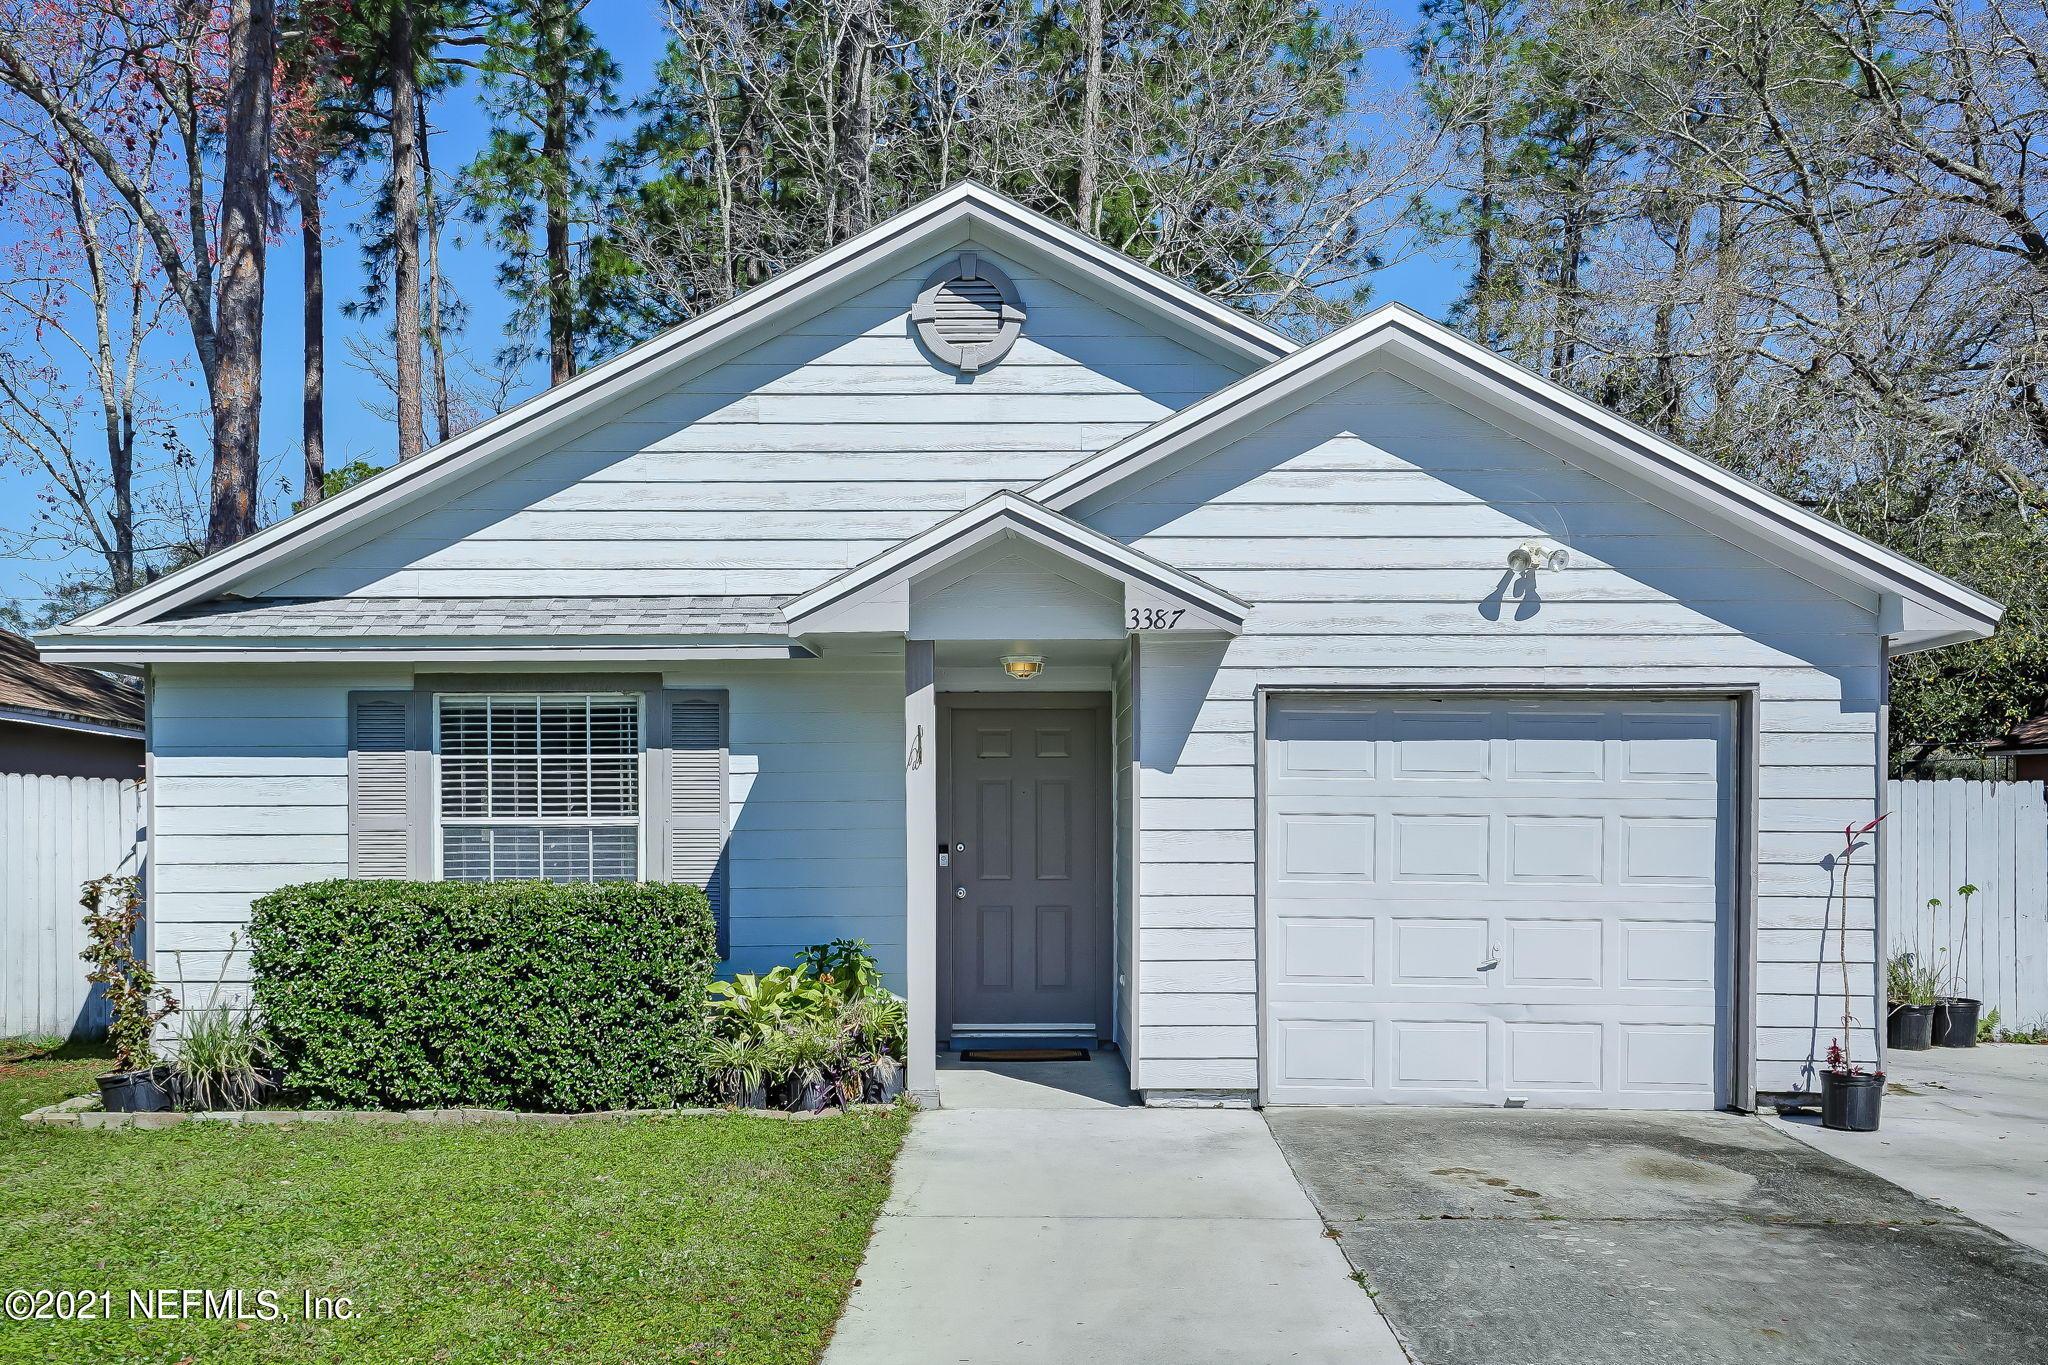 3387 Mandarin Glen Dr Unit #3 Jacksonville, FL 32223